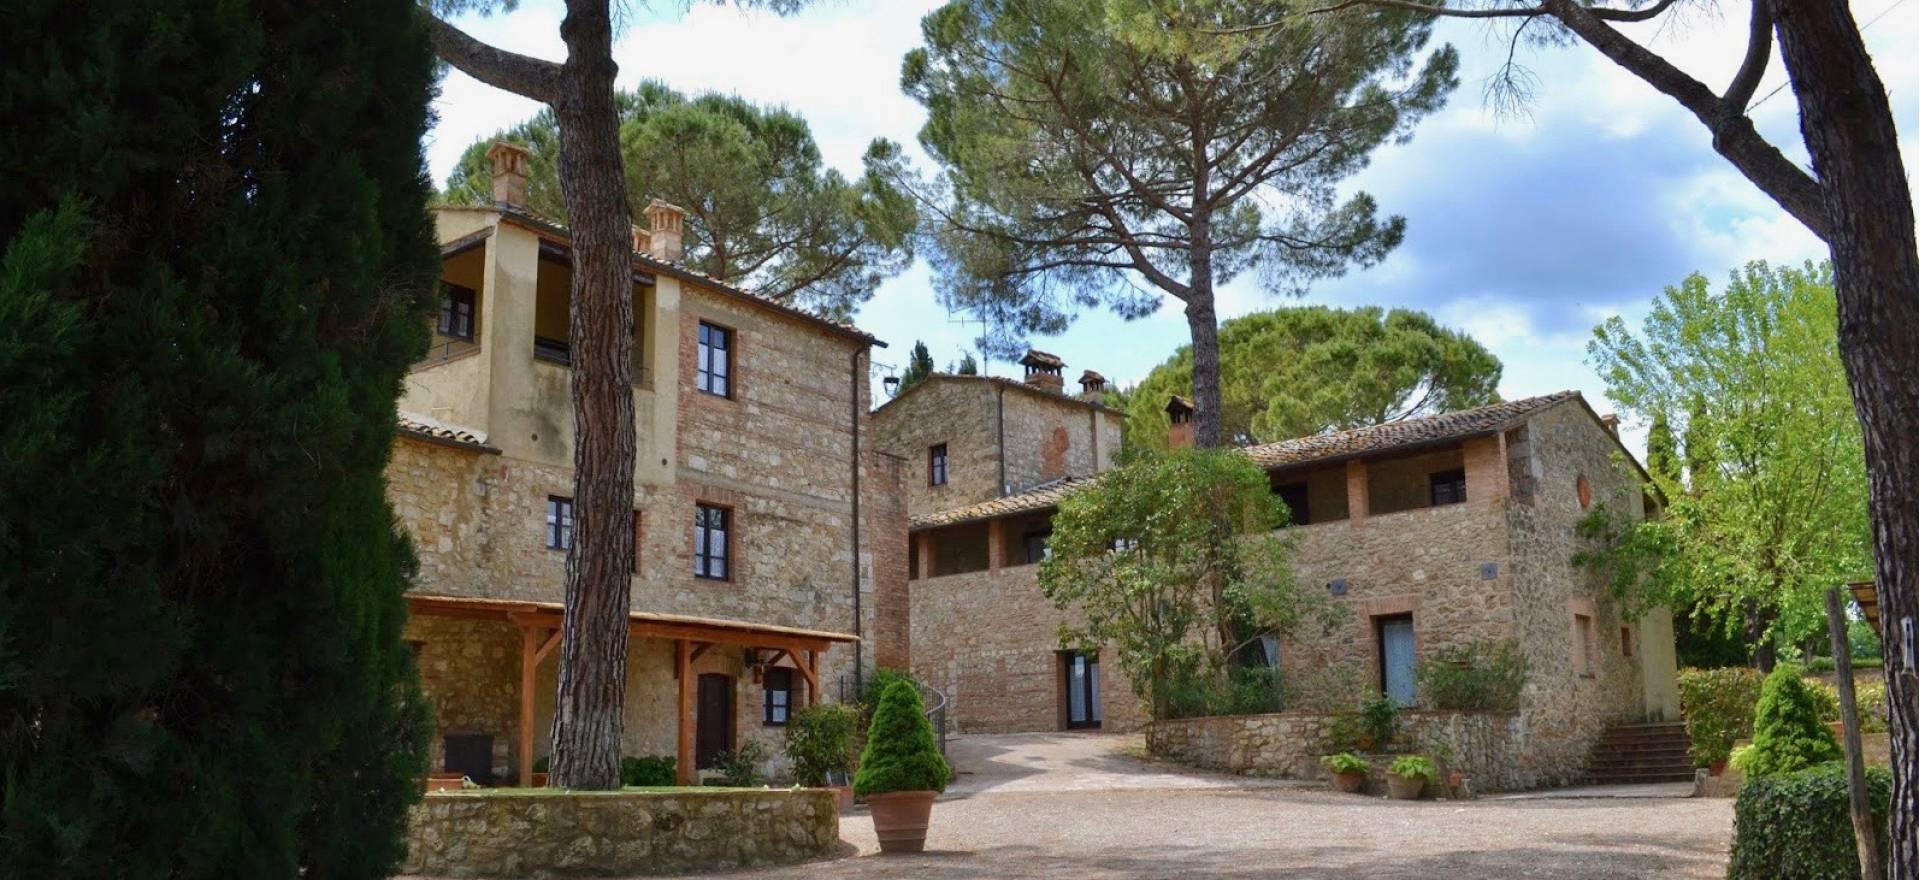 Agriturismo Toscane Agriturismo in Toscane: karakteristiek en centrale lokatie